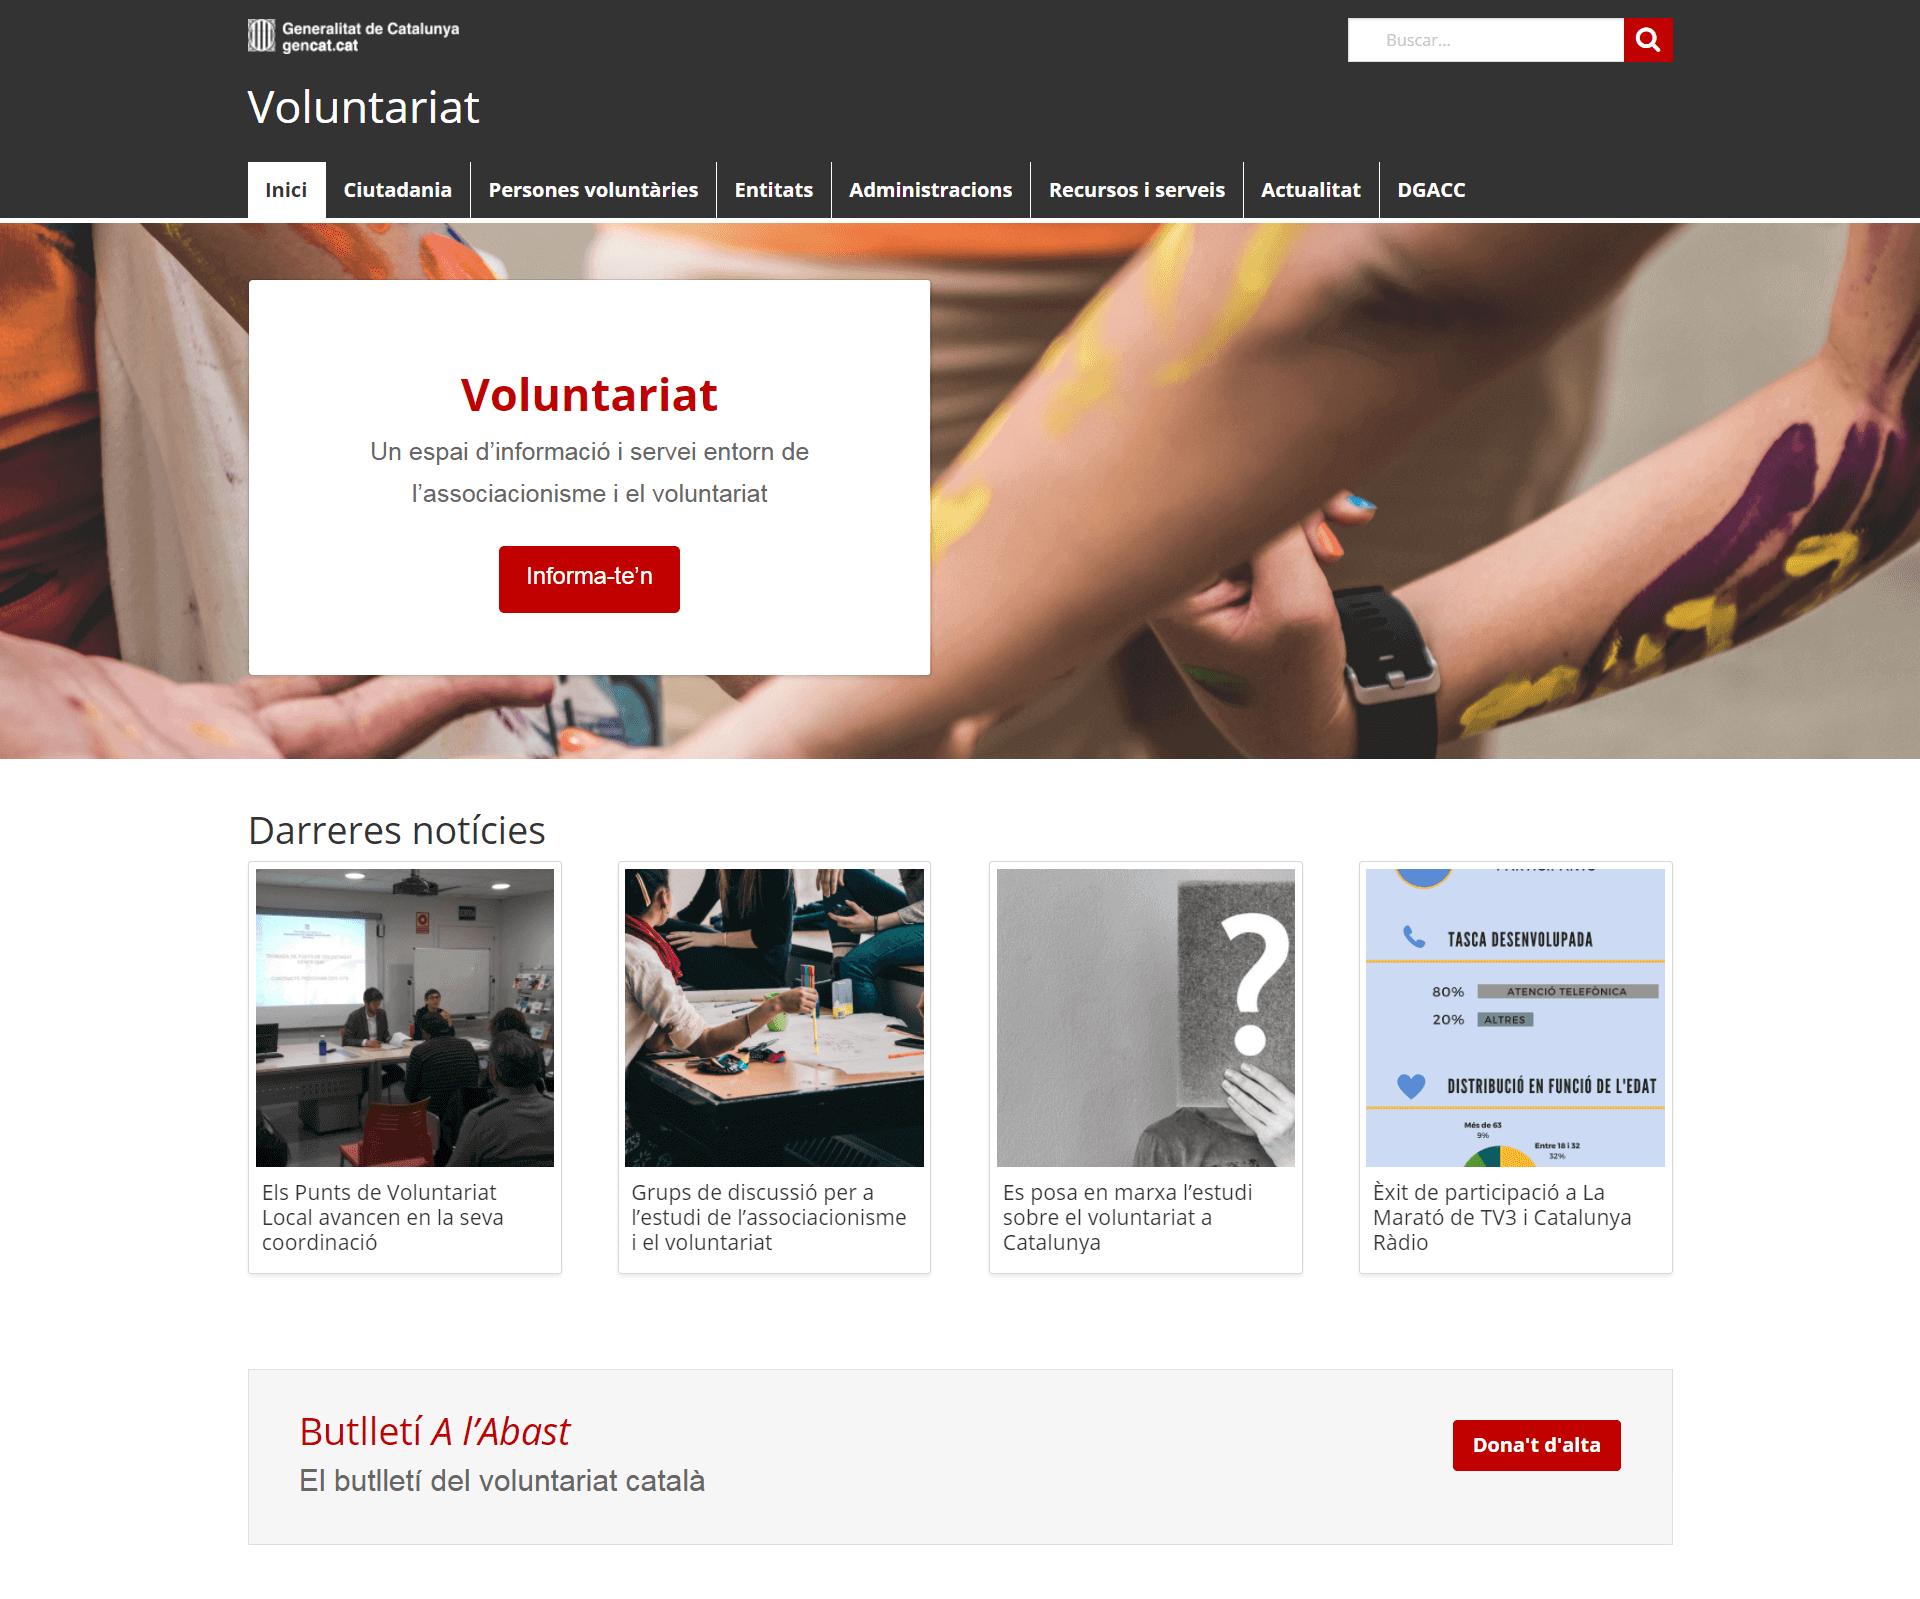 El nou portal de l'associacionisme i el voluntariat